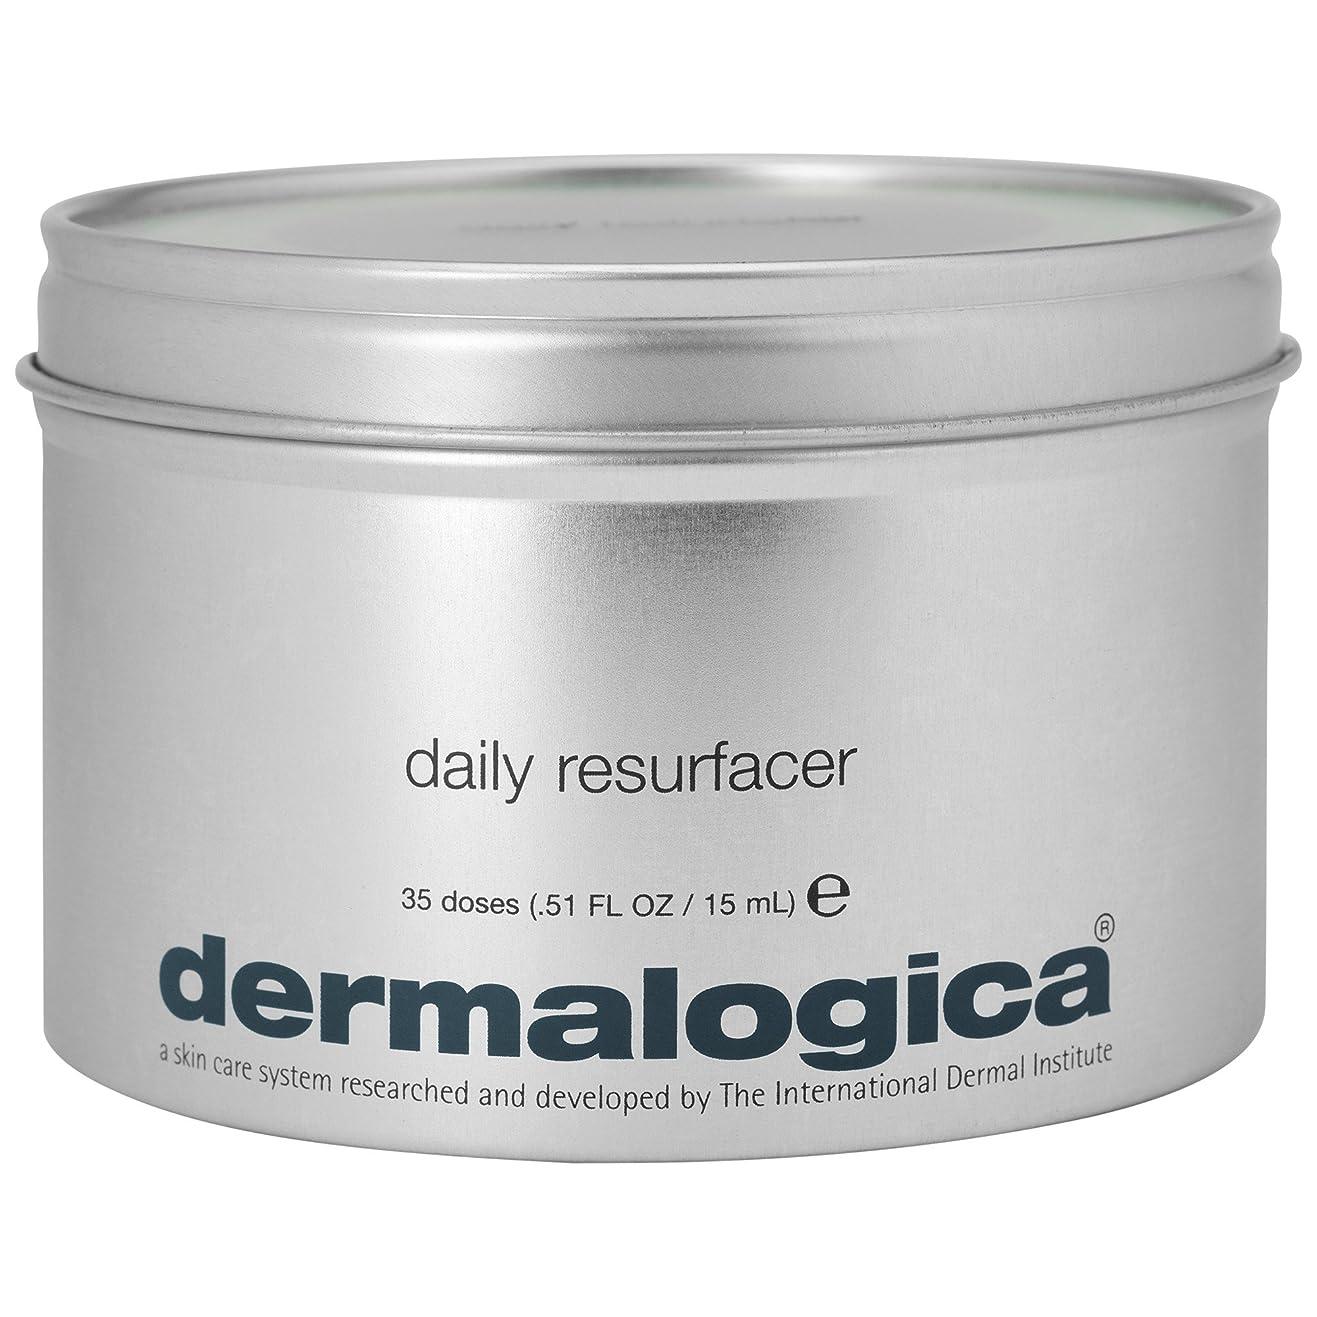 芝生黙フォージ35のダーマロジカ毎日Resurfacerパック (Dermalogica) (x2) - Dermalogica Daily Resurfacer Pack of 35 (Pack of 2) [並行輸入品]